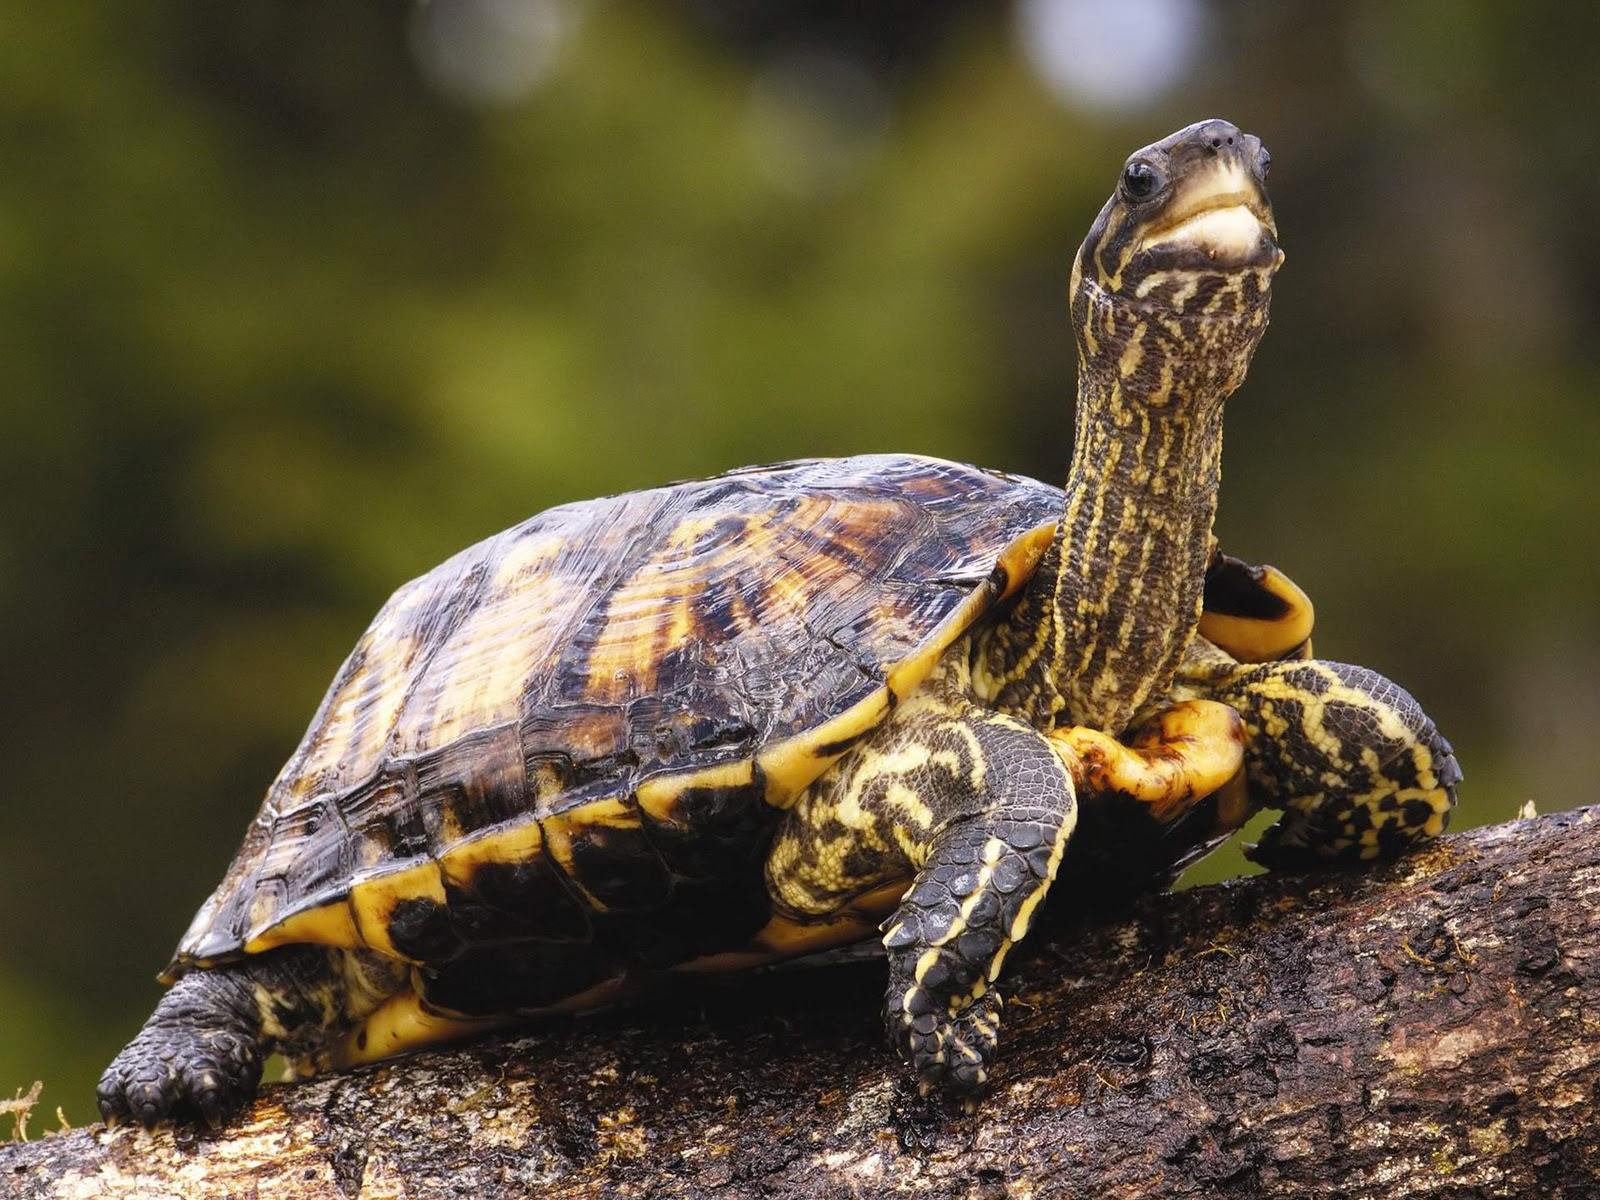 Turtle HD Wallpapers Download Desktop Wallpaper Images 1600x1200